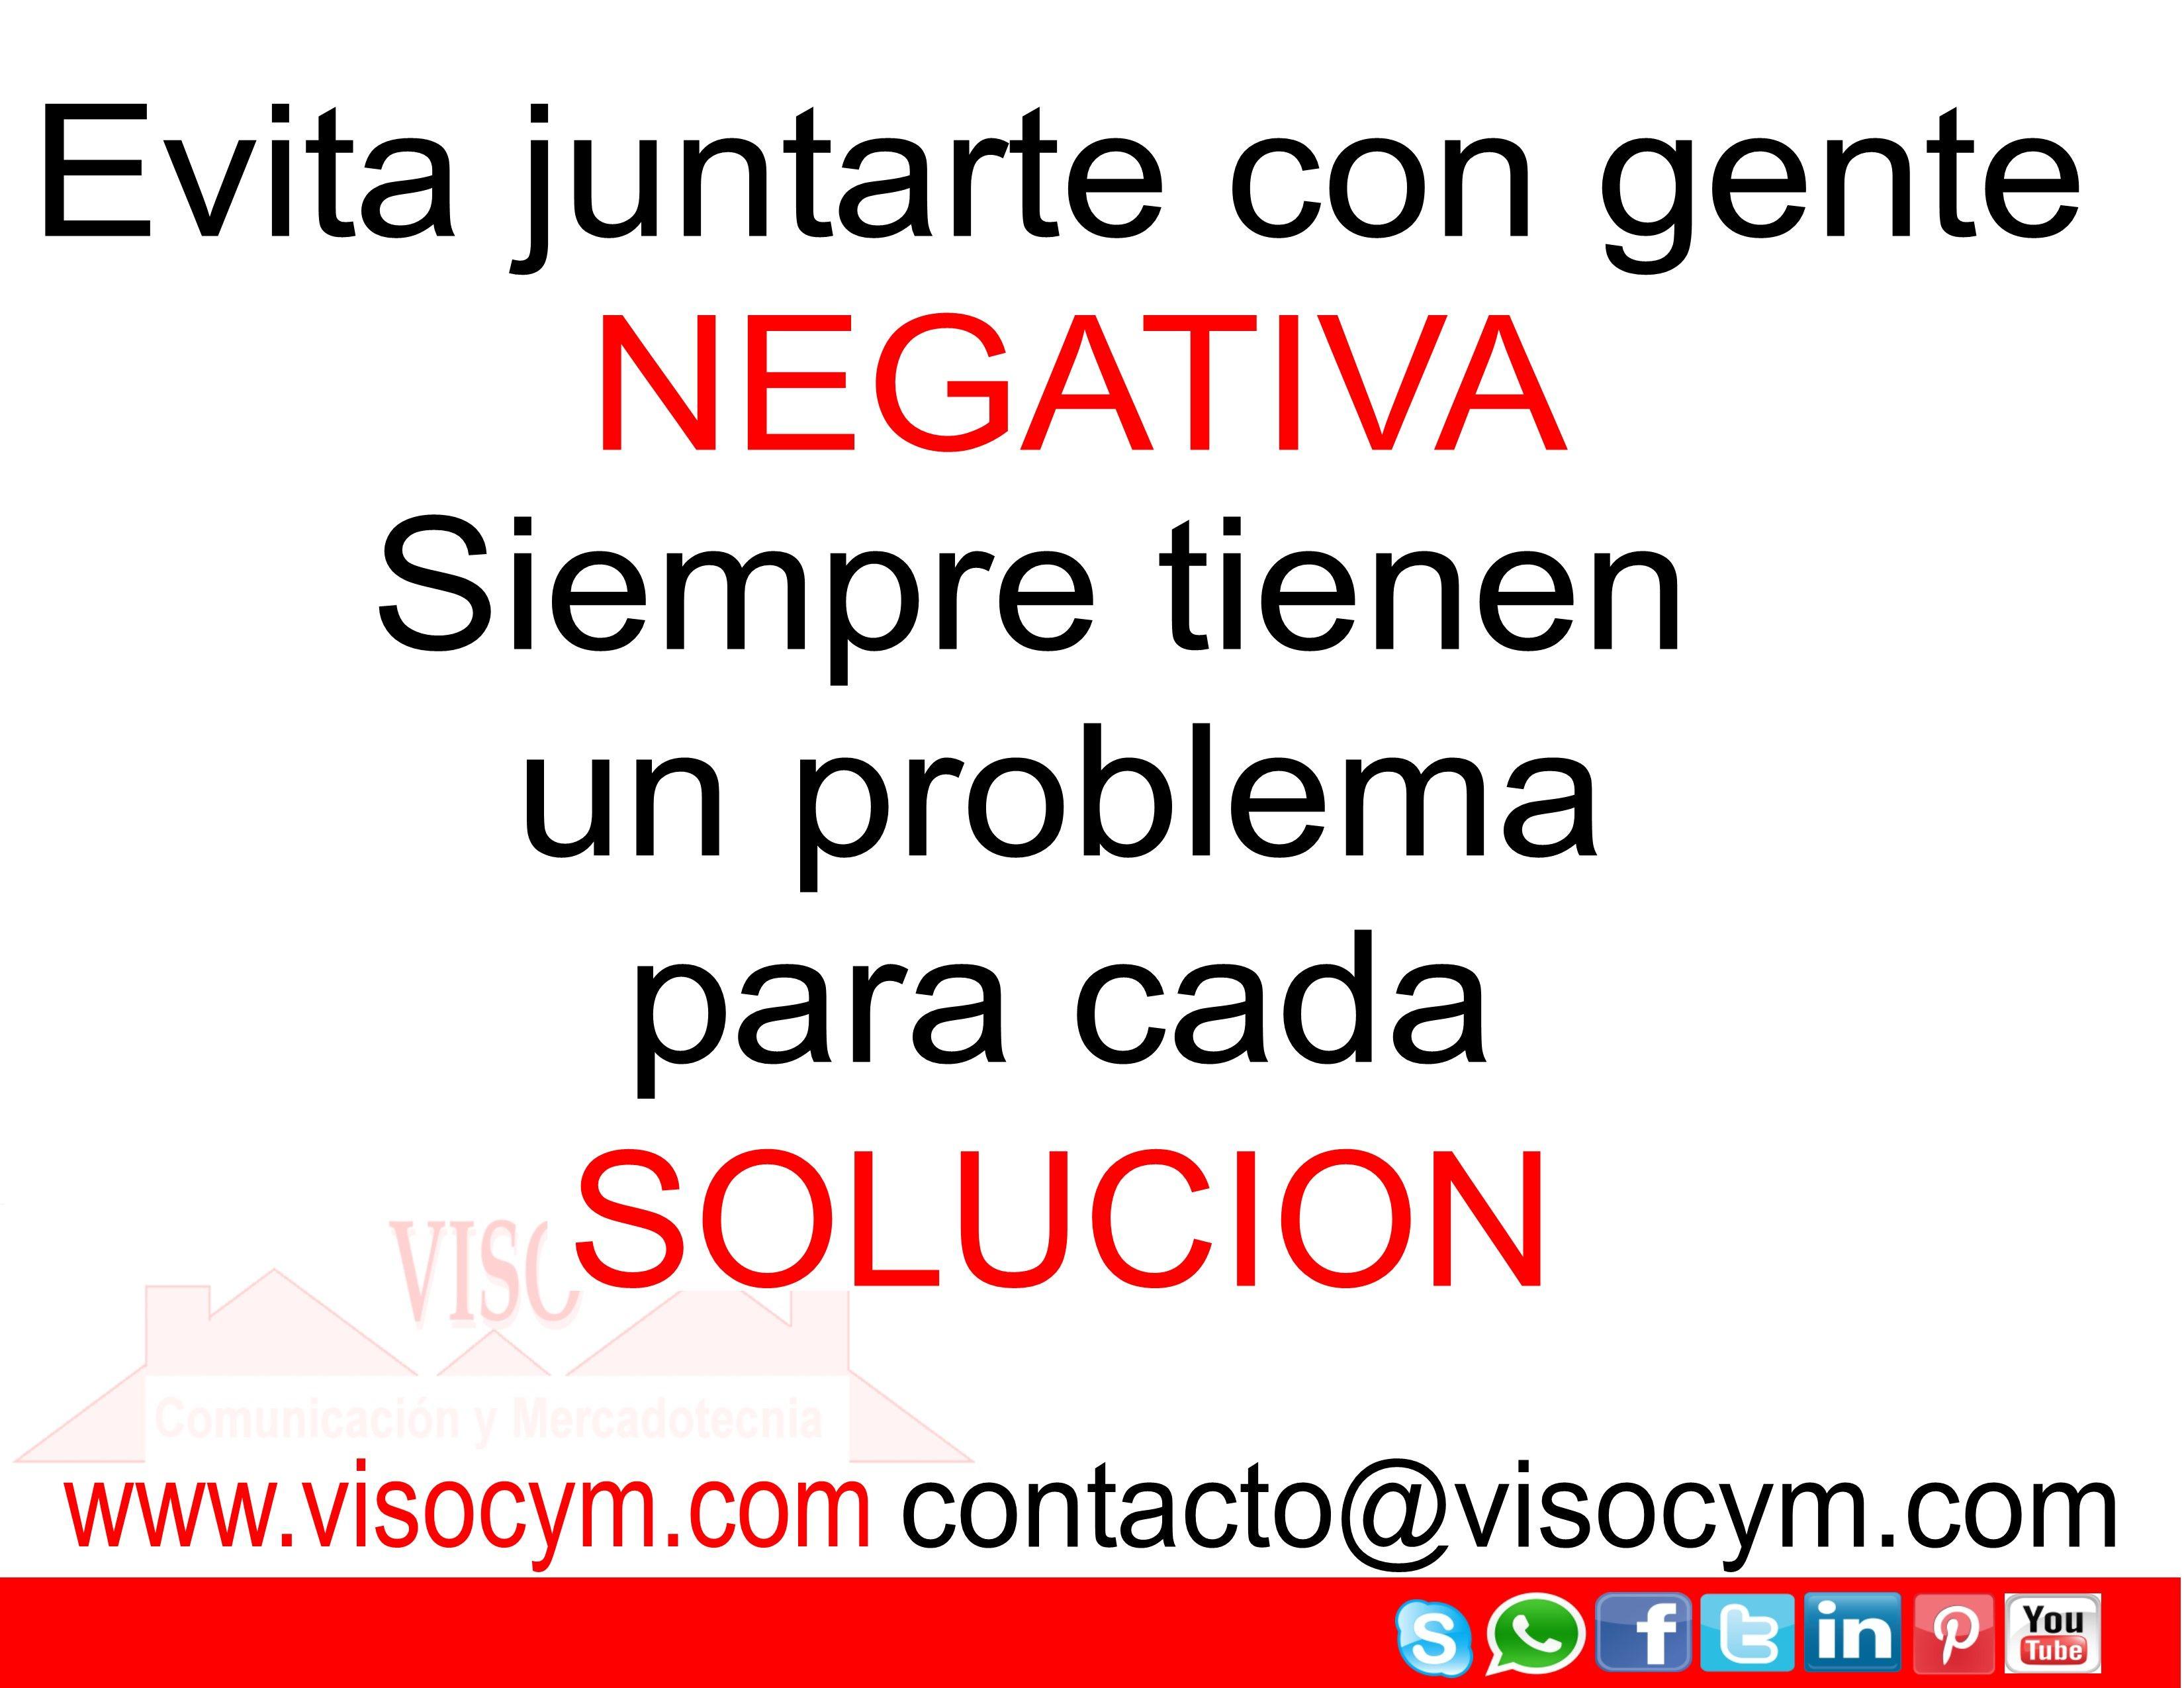 Evita juntarte con gente NEGATIVA Siempre tienen un problema para cada SOLUCION #visocym